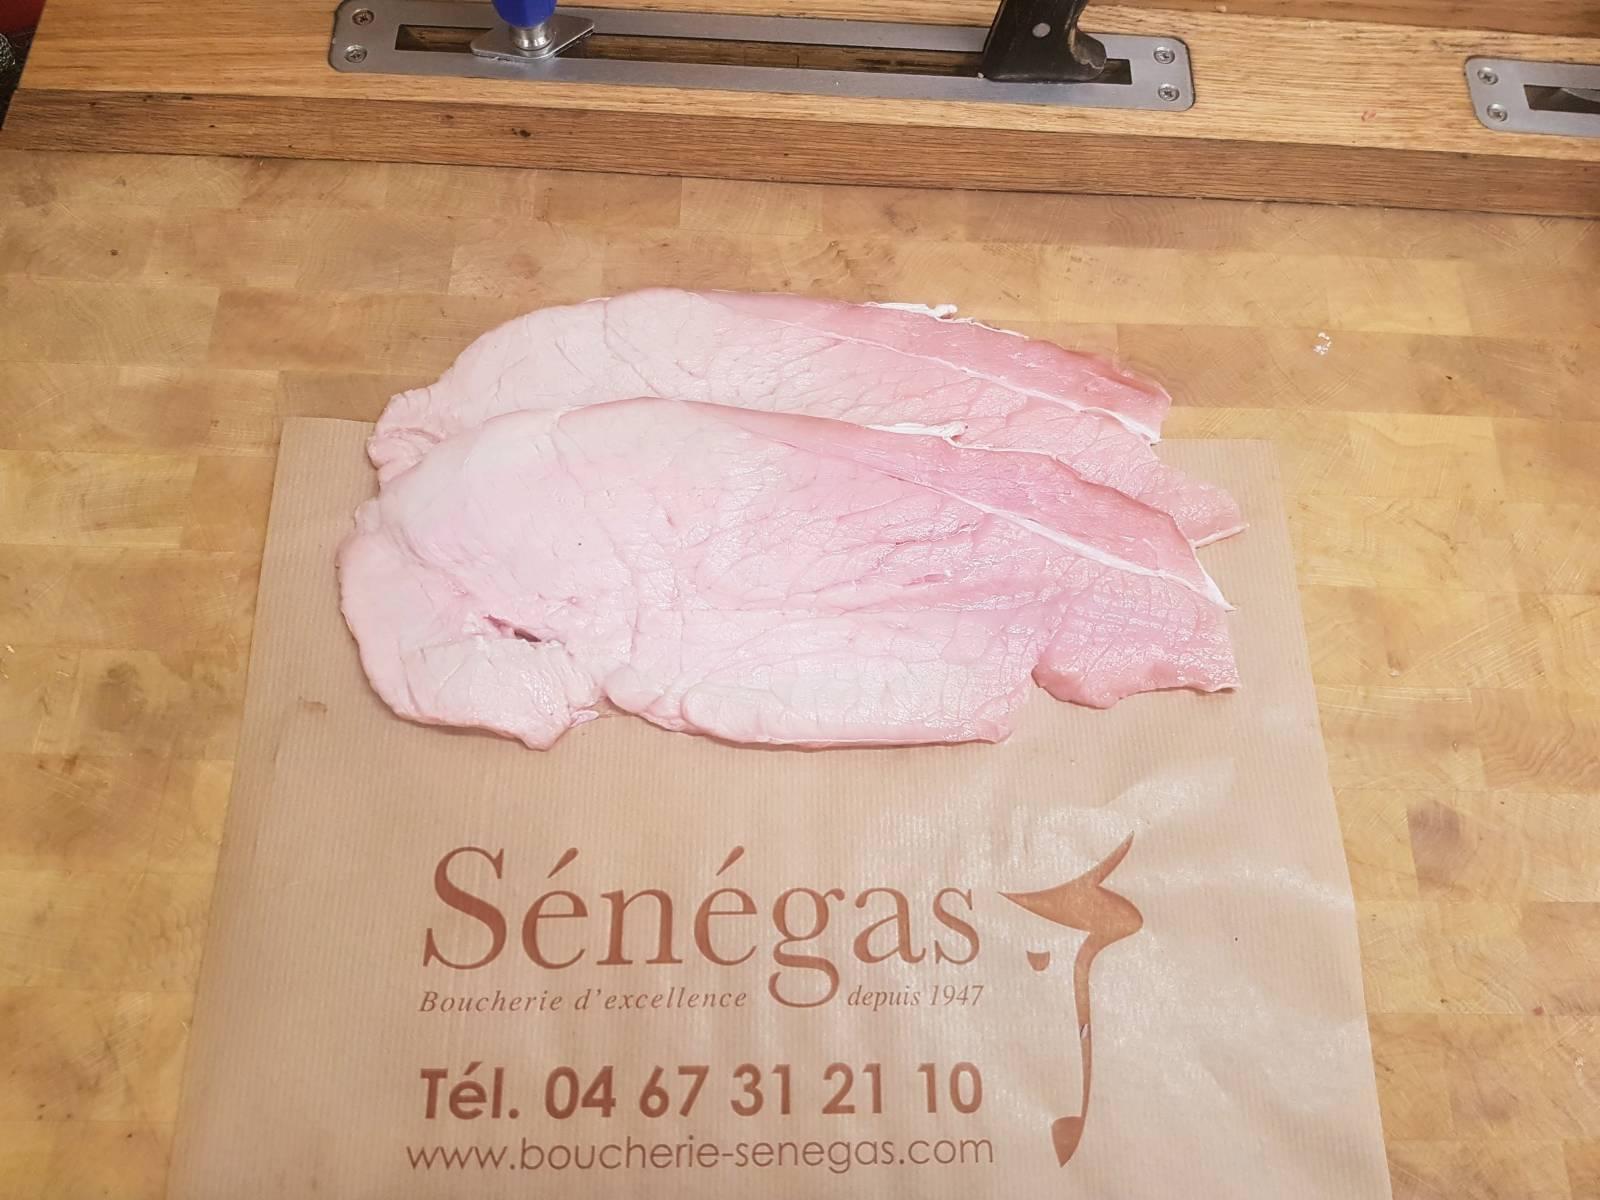 boucherie-senegas-escalope-veau